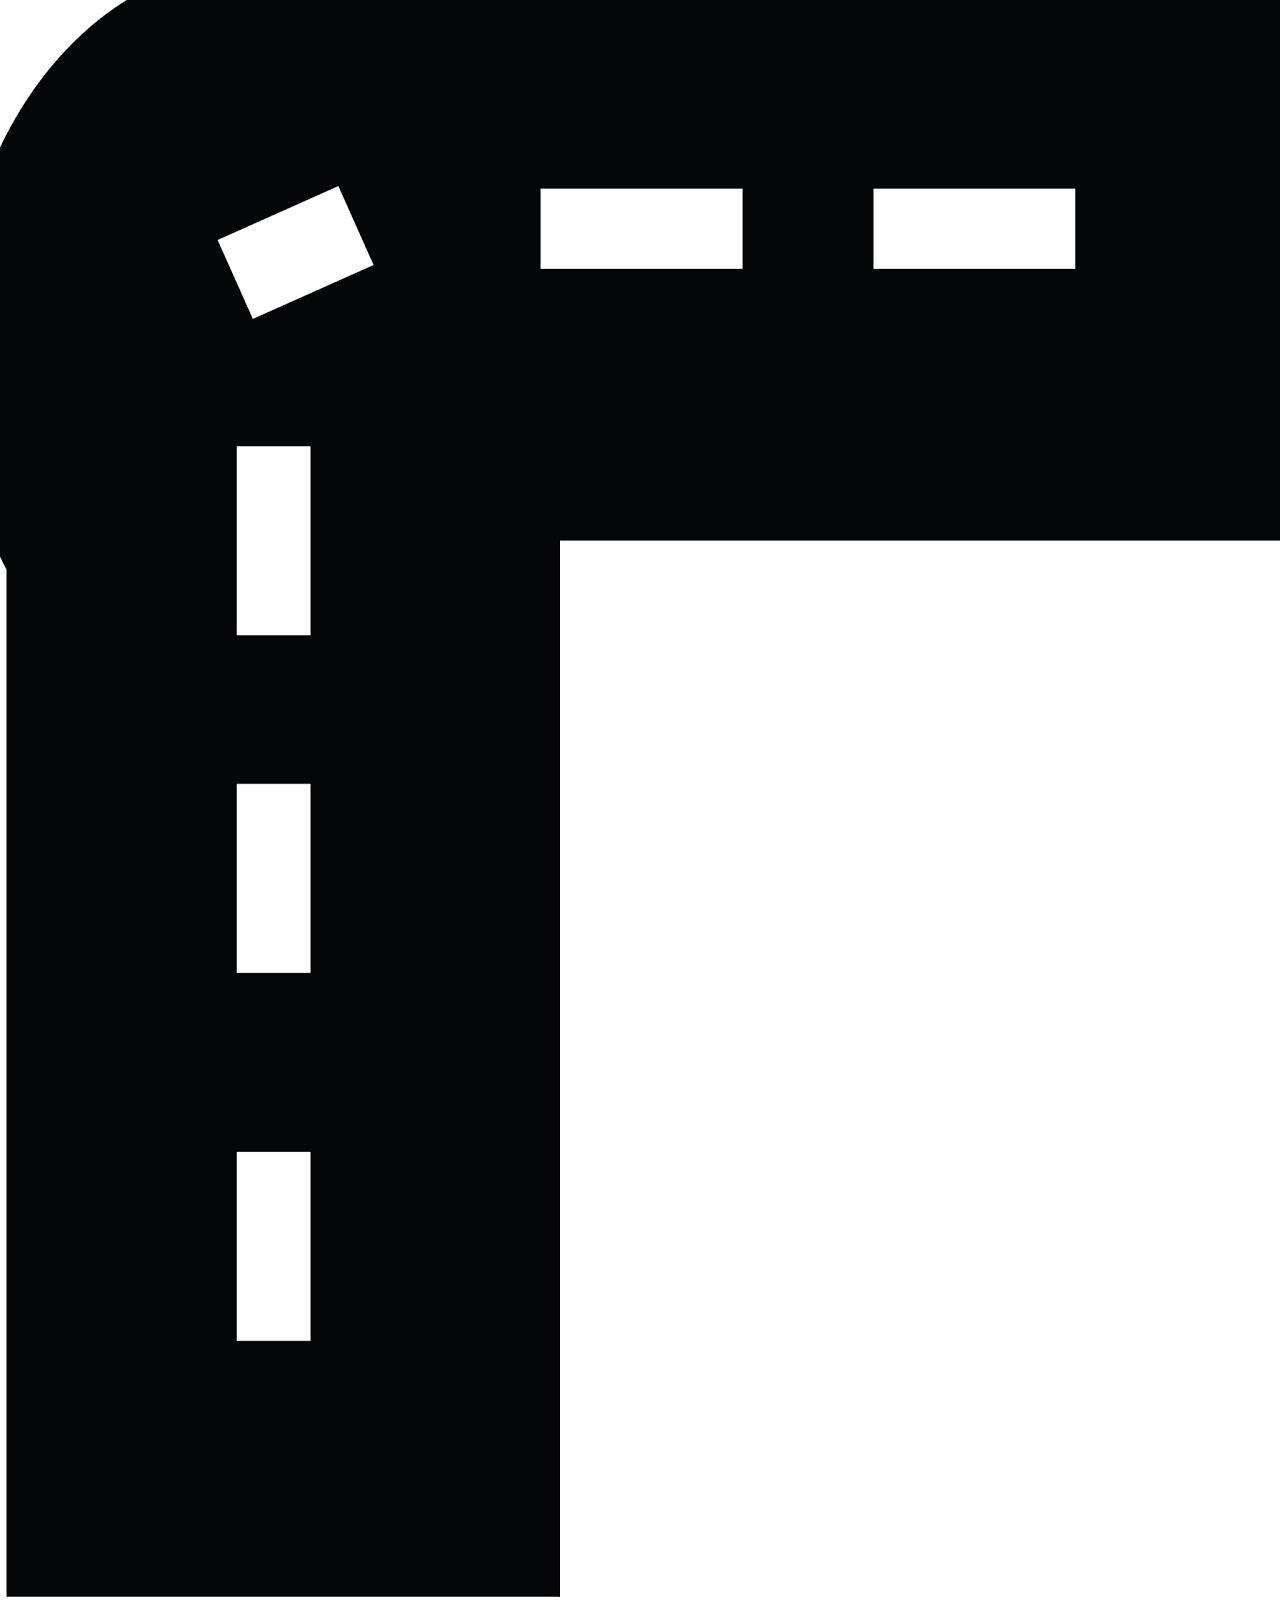 Straight Road Cartoon Horizontal